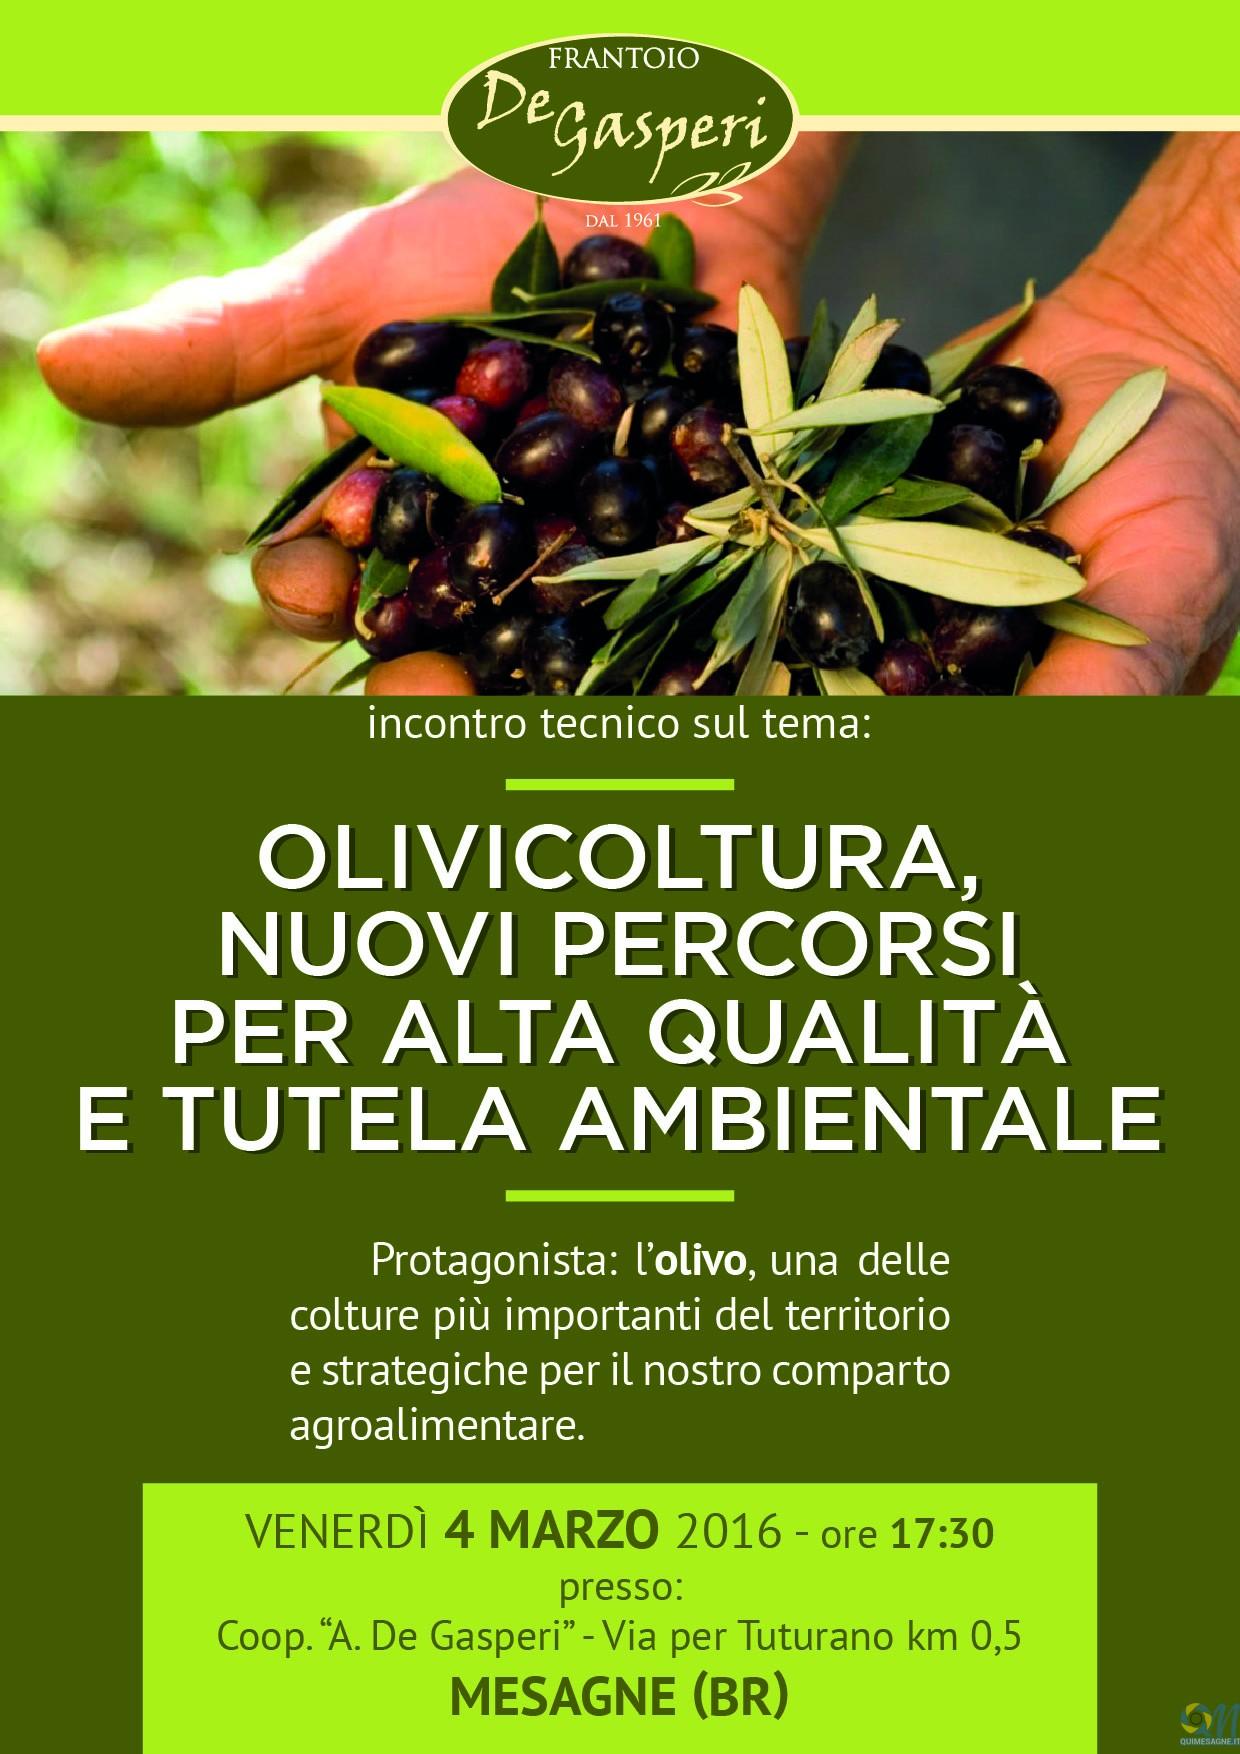 Domani 4 marzo alla De Gasperi incontro su futuro olivicoltura di alta qualità